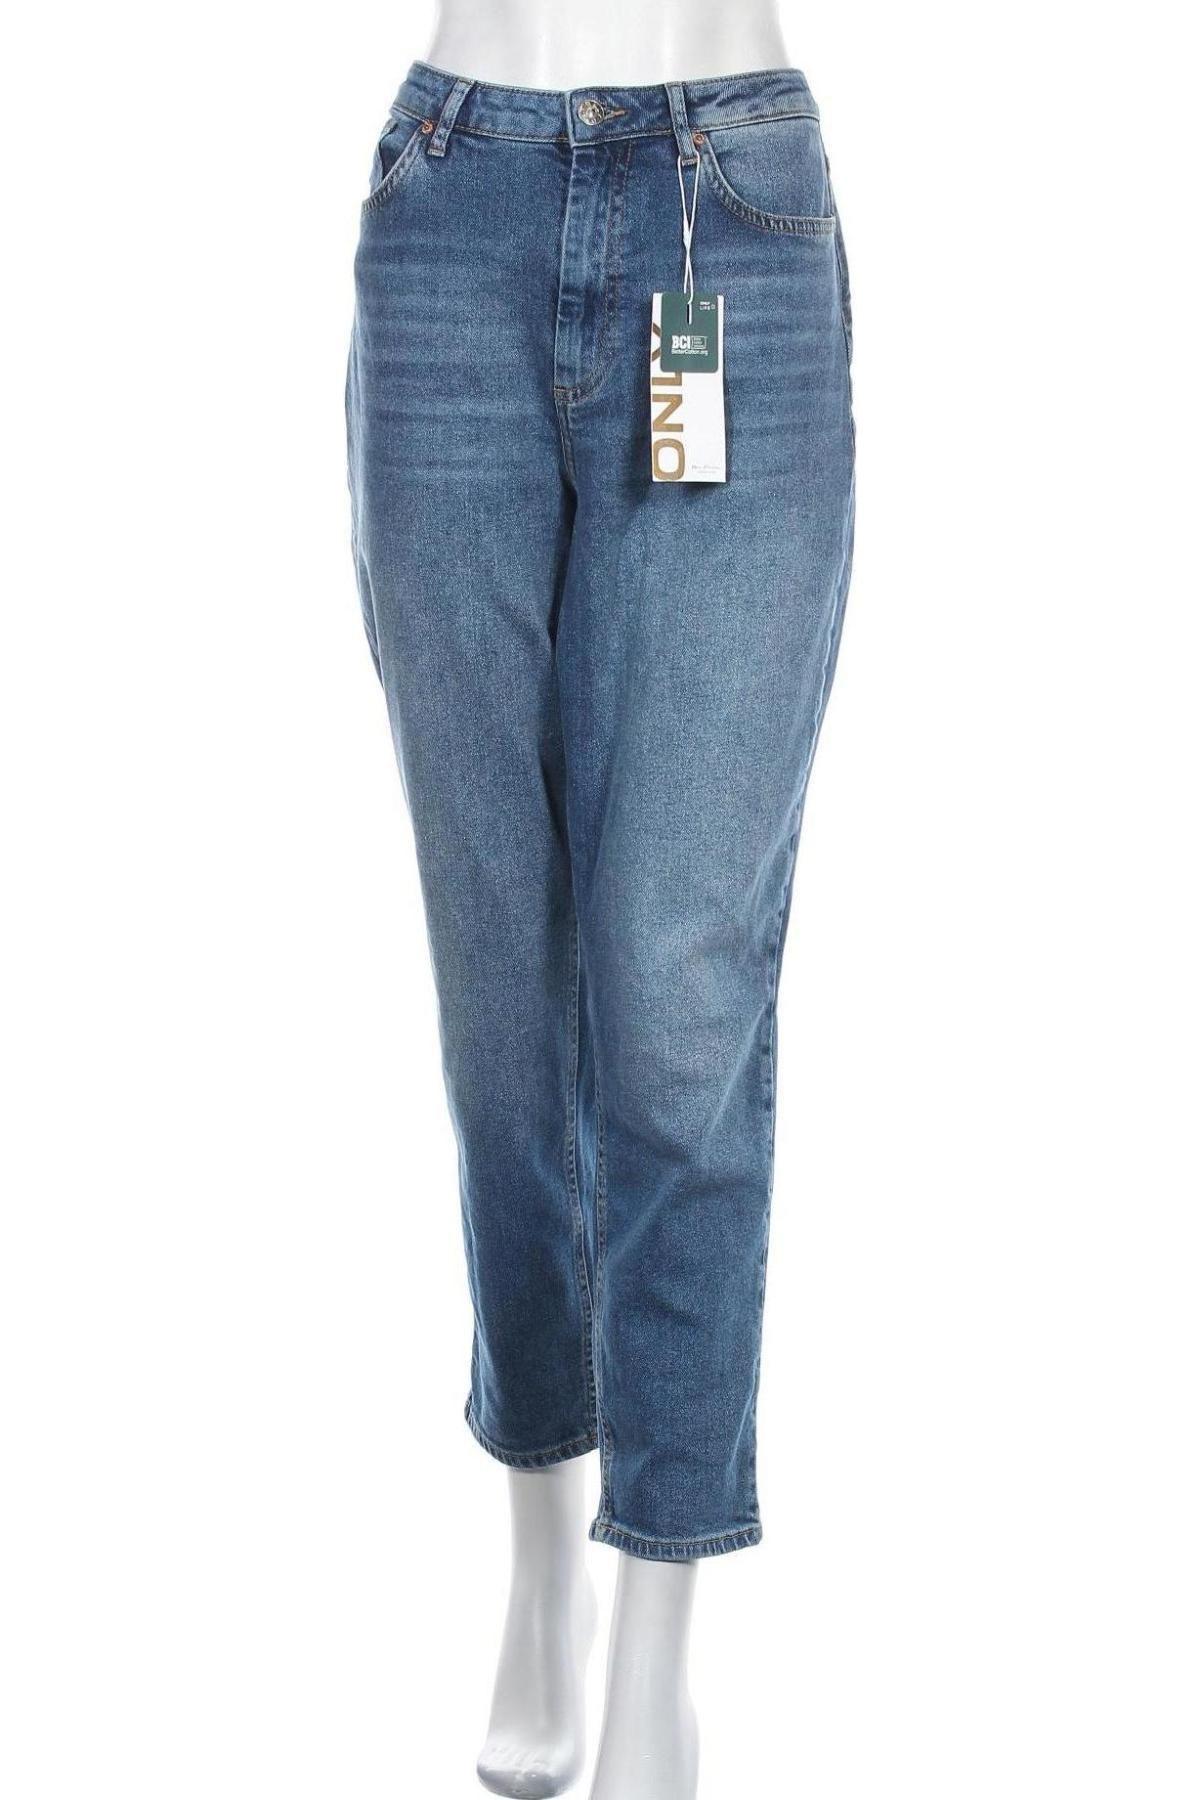 Дамски дънки ONLY, Размер L, Цвят Син, 99% памук, 1% еластан, Цена 36,18лв.